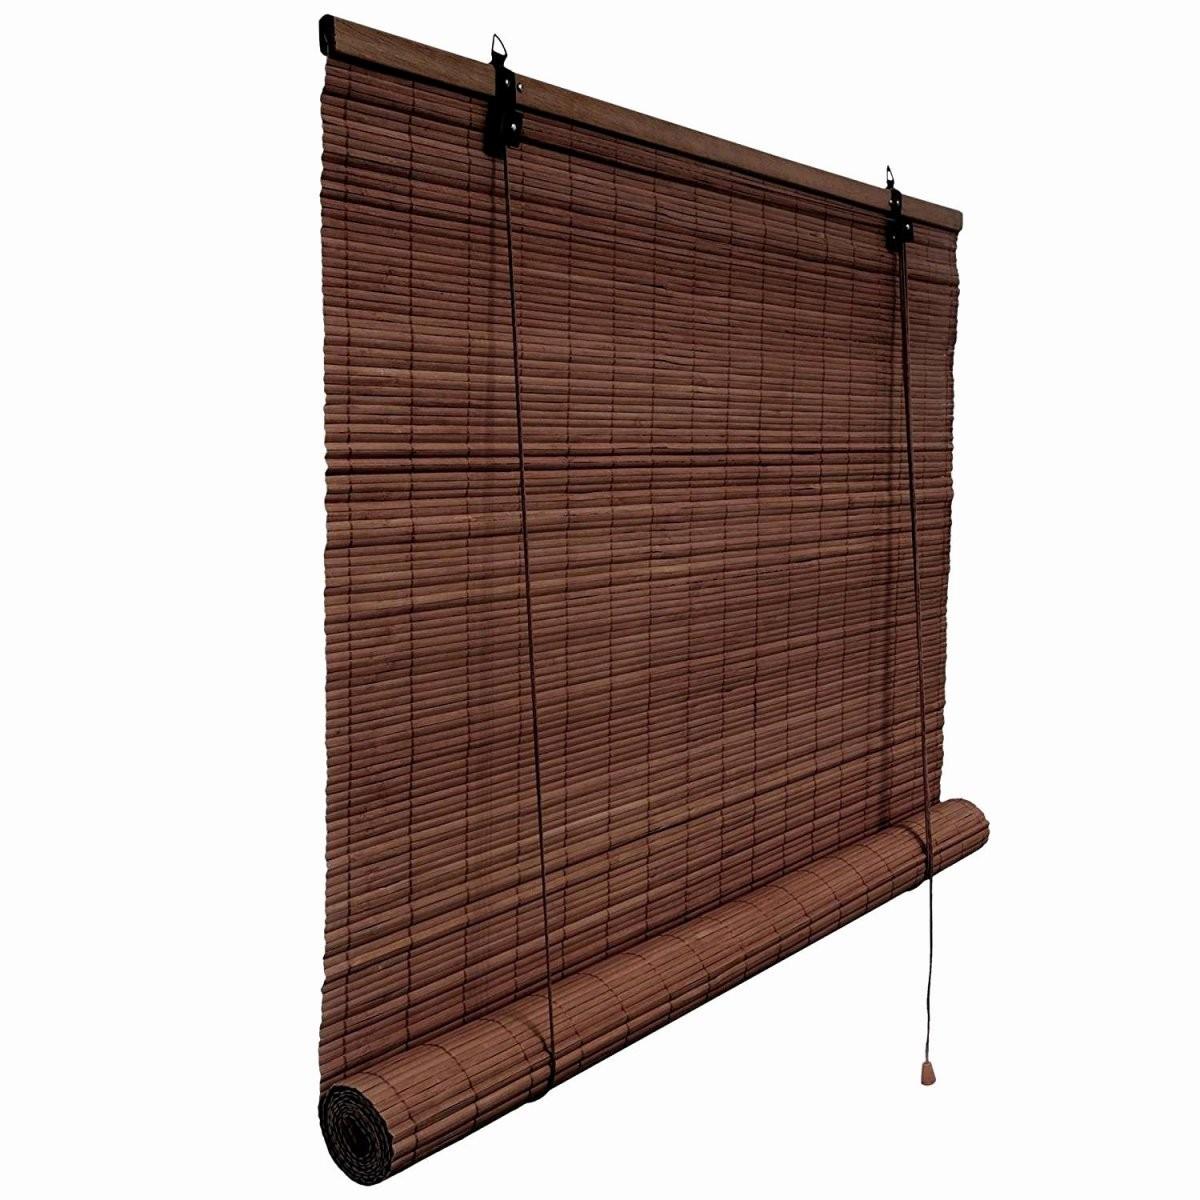 Balkon Sonnenschutz Ohne Bohren Inspirierend Seitensichtschutz Für von Balkon Sichtschutz Ohne Bohren Photo